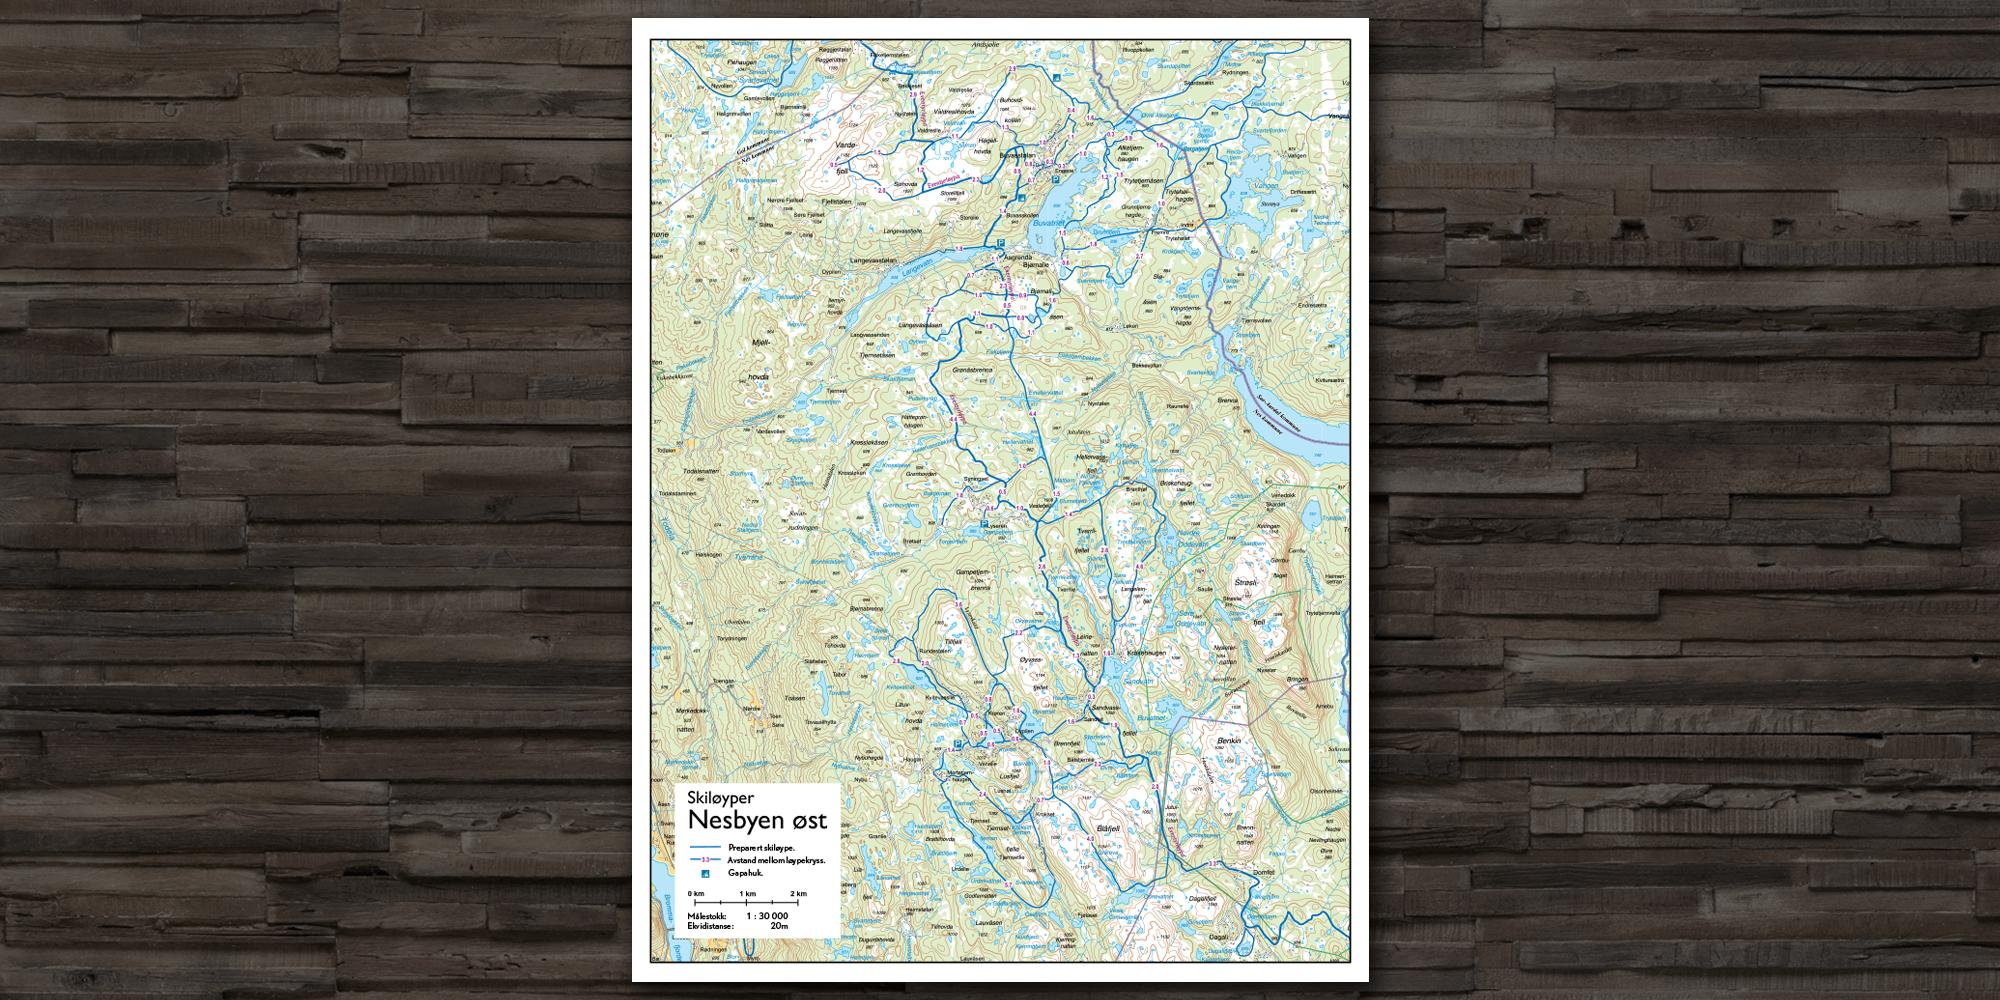 Hyttekart skiløyper i Nes Østmark